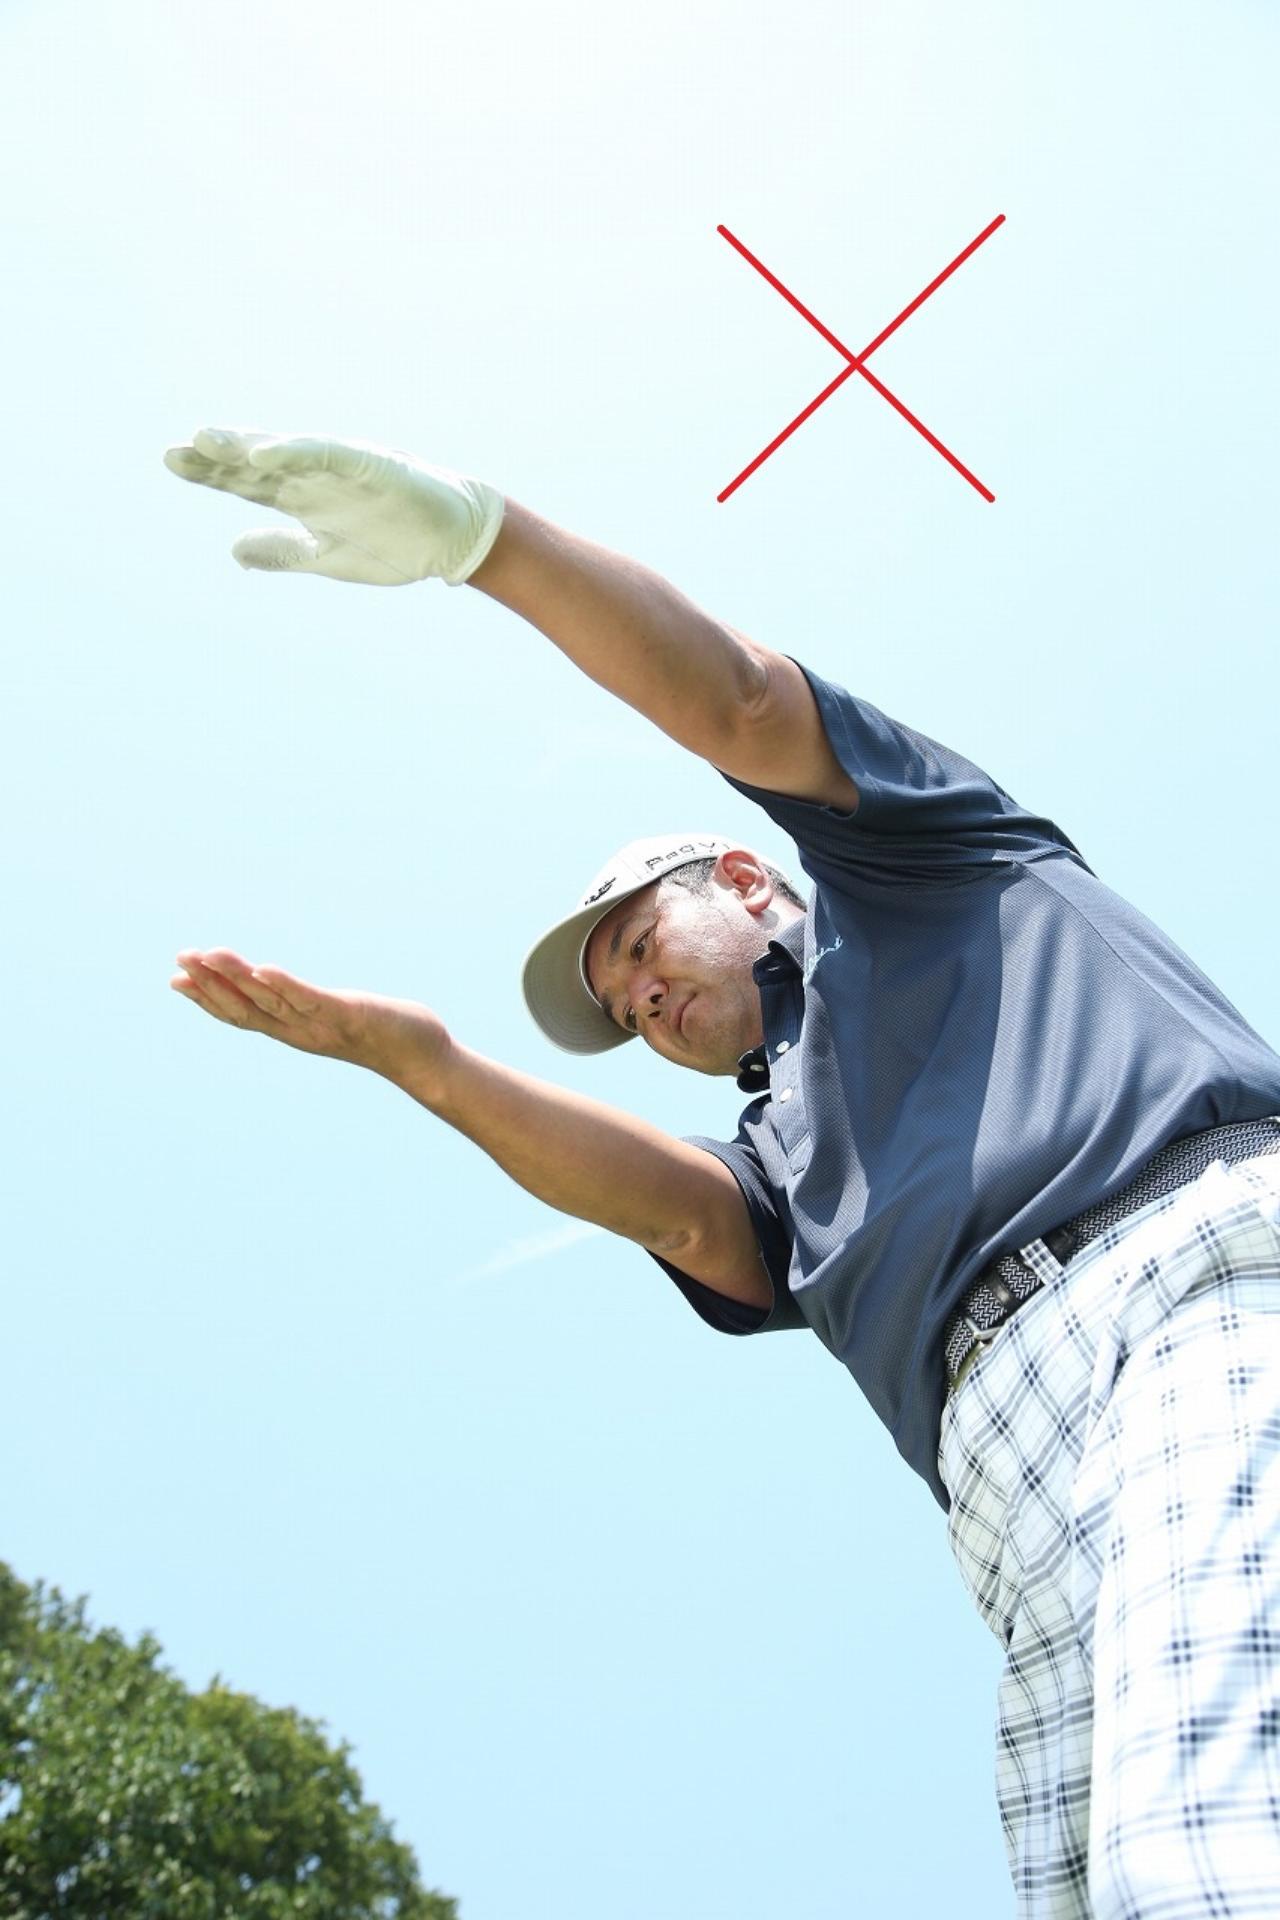 画像: タケ小山が物申す!スライスの原因を見極めろ!Vol.2 - みんなのゴルフダイジェスト